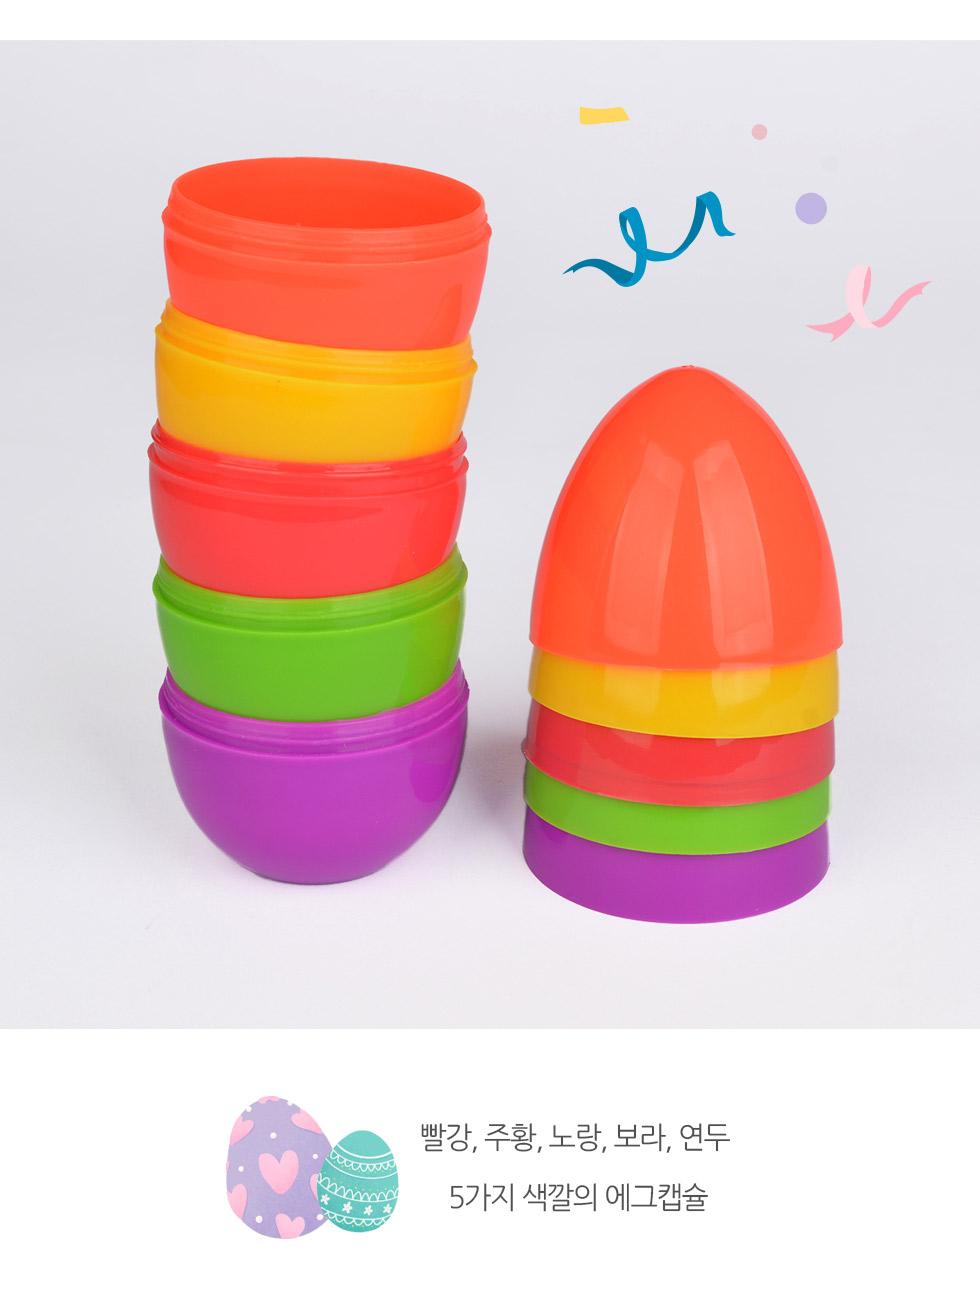 부활절 계란케이스 스탠딩 에그캡슐 (대) 5종 5가지 색의 캡슐은 뚜껑과 몸체가 분리되어 안에 내용물을 넣고 빼기 편해요